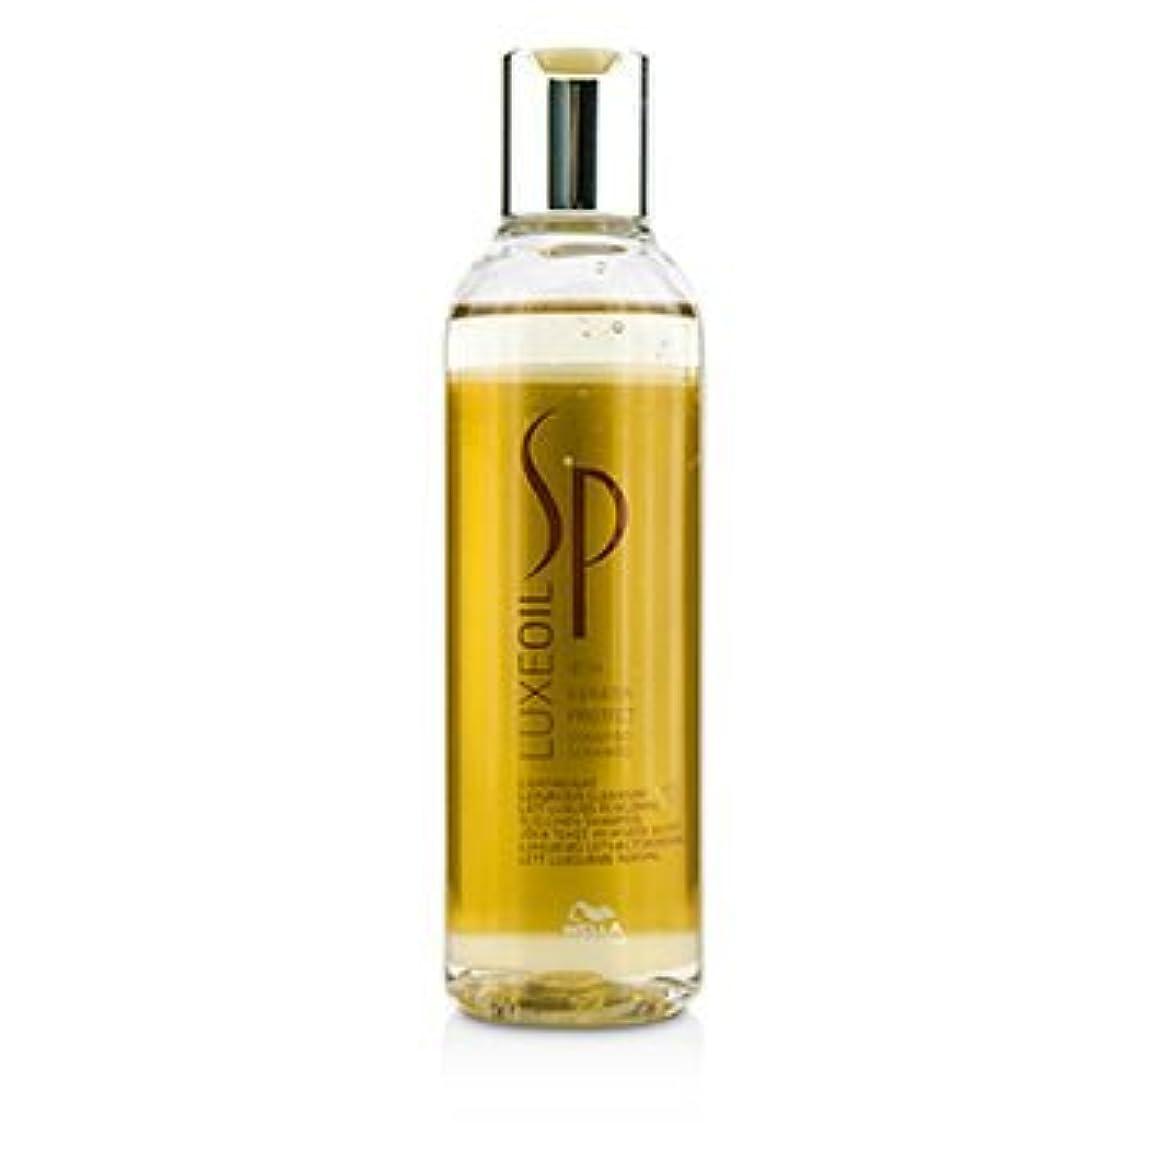 社会科無力センチメートルWella SP Luxe Hair Oil Keratin Protect Shampoo - 200ml by WELLA System Professional [並行輸入品]